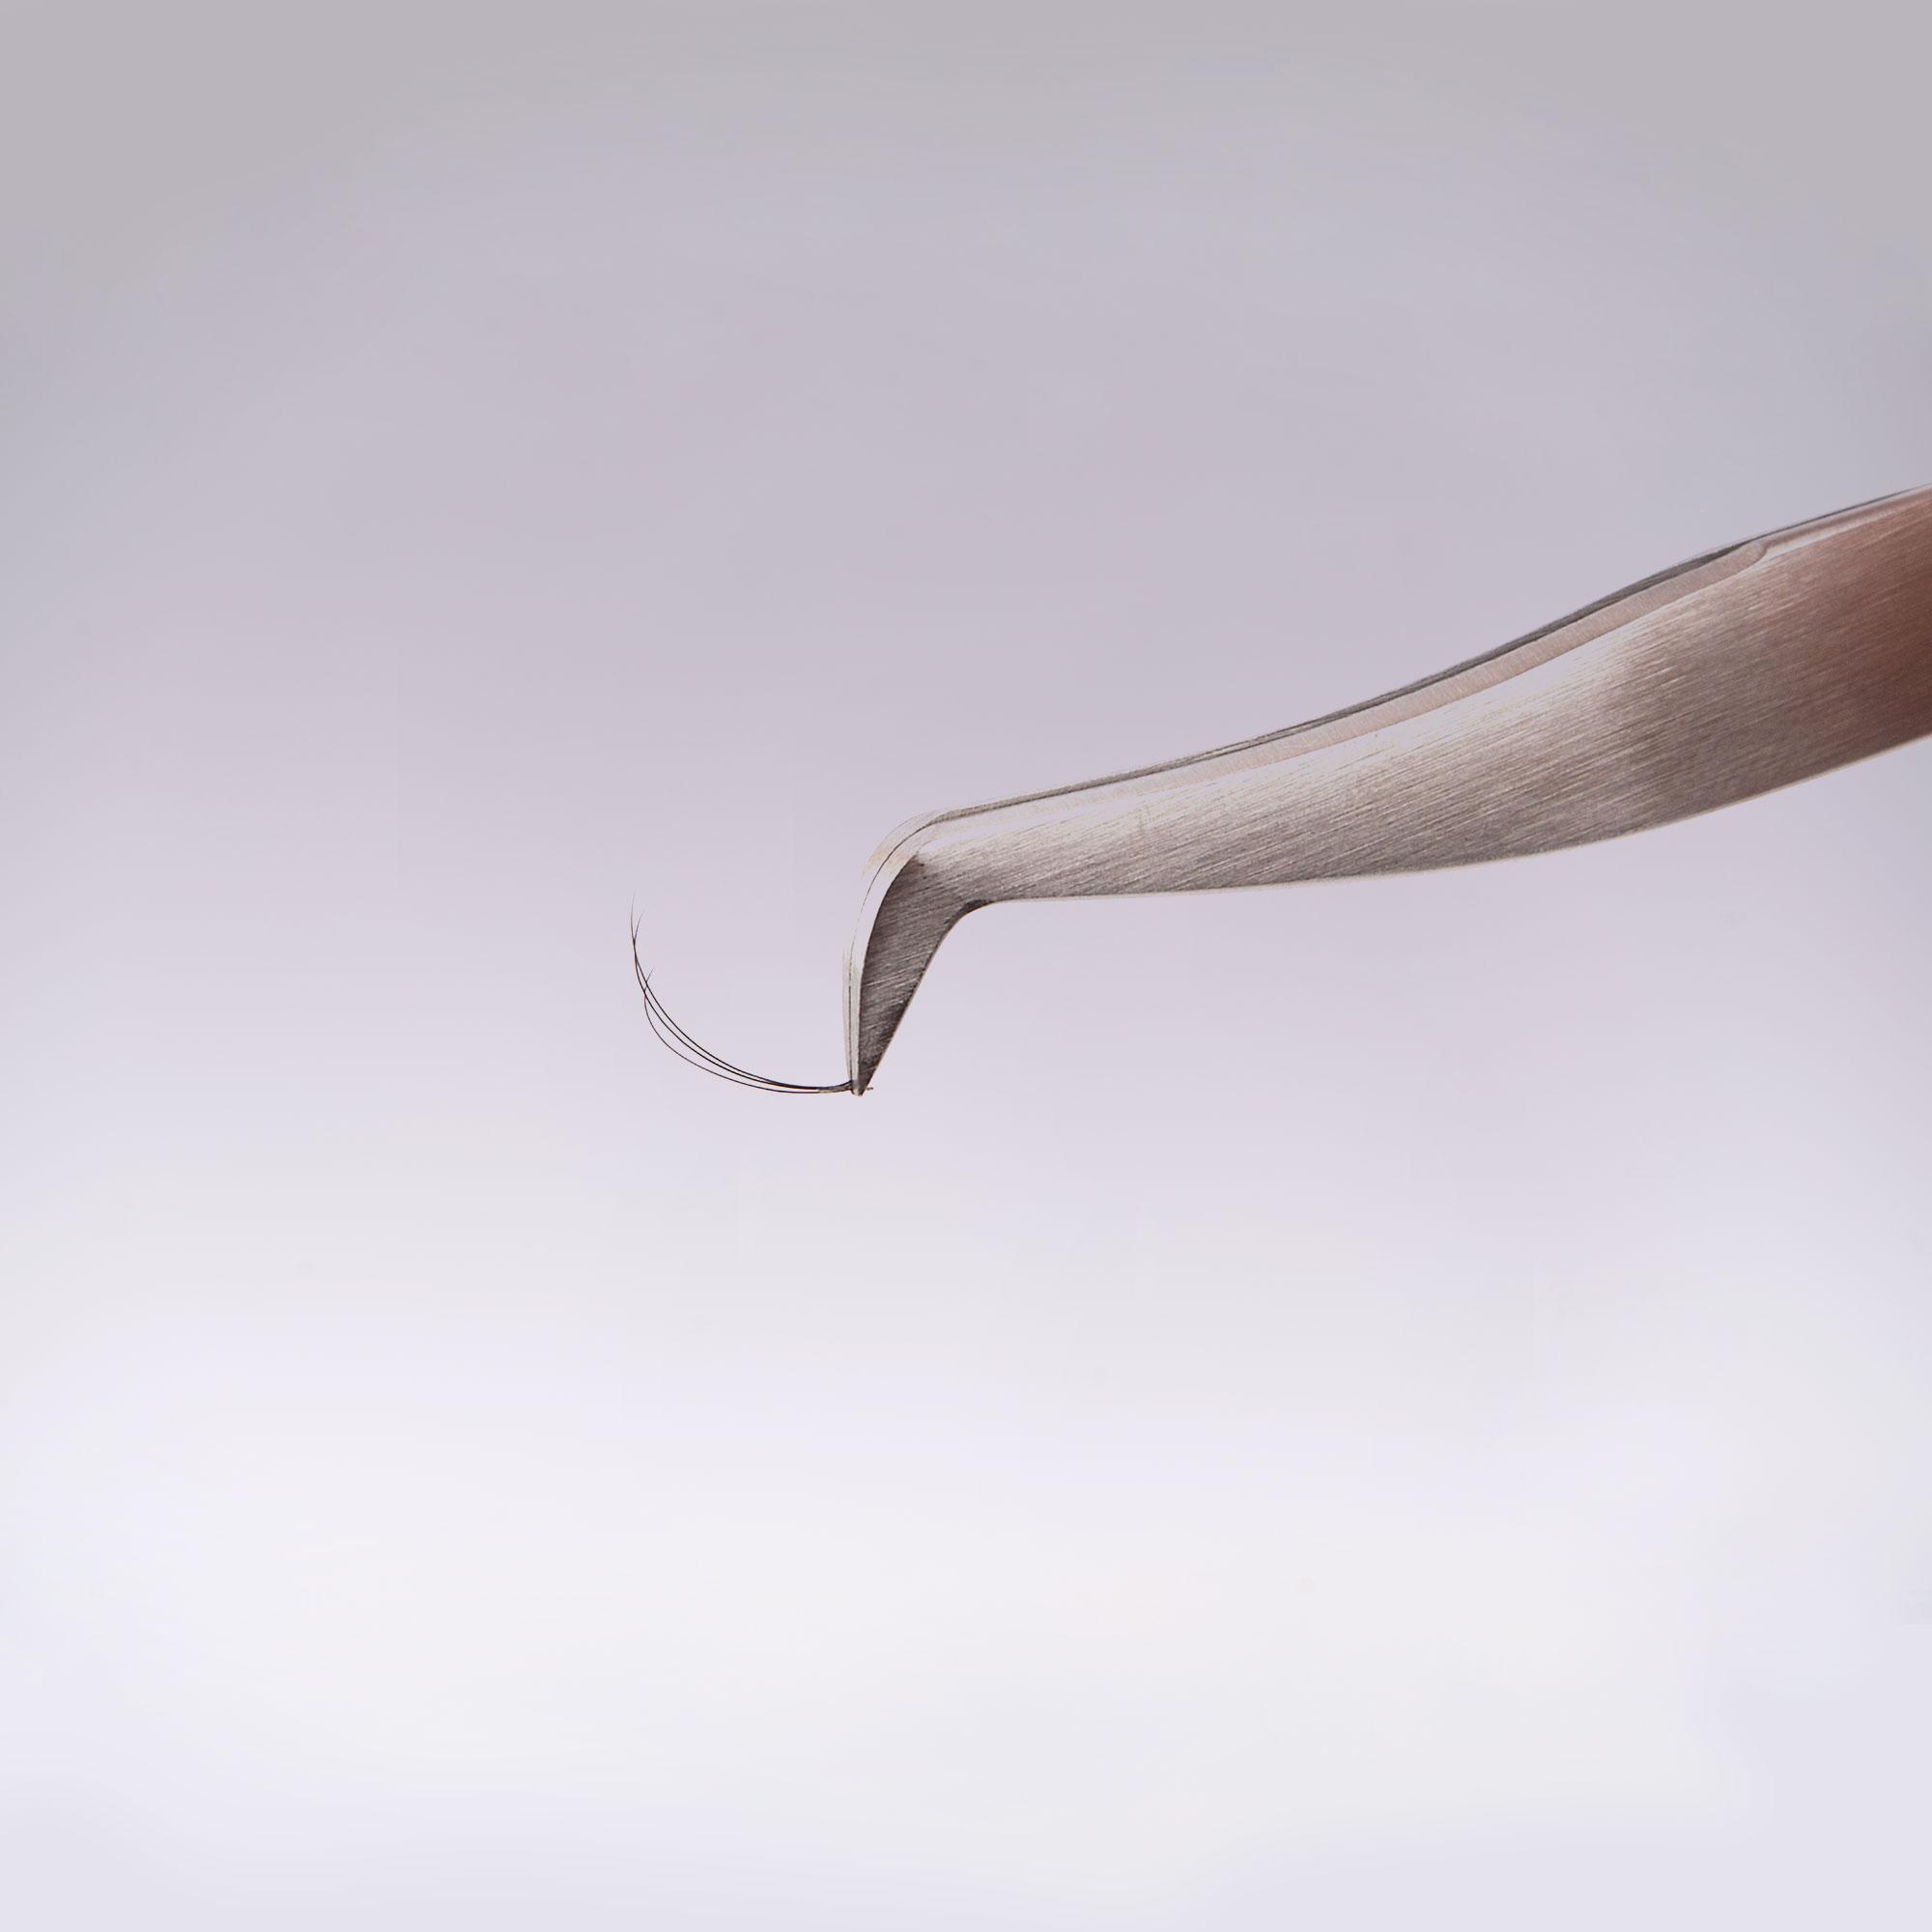 пинцет для наращивания ресниц